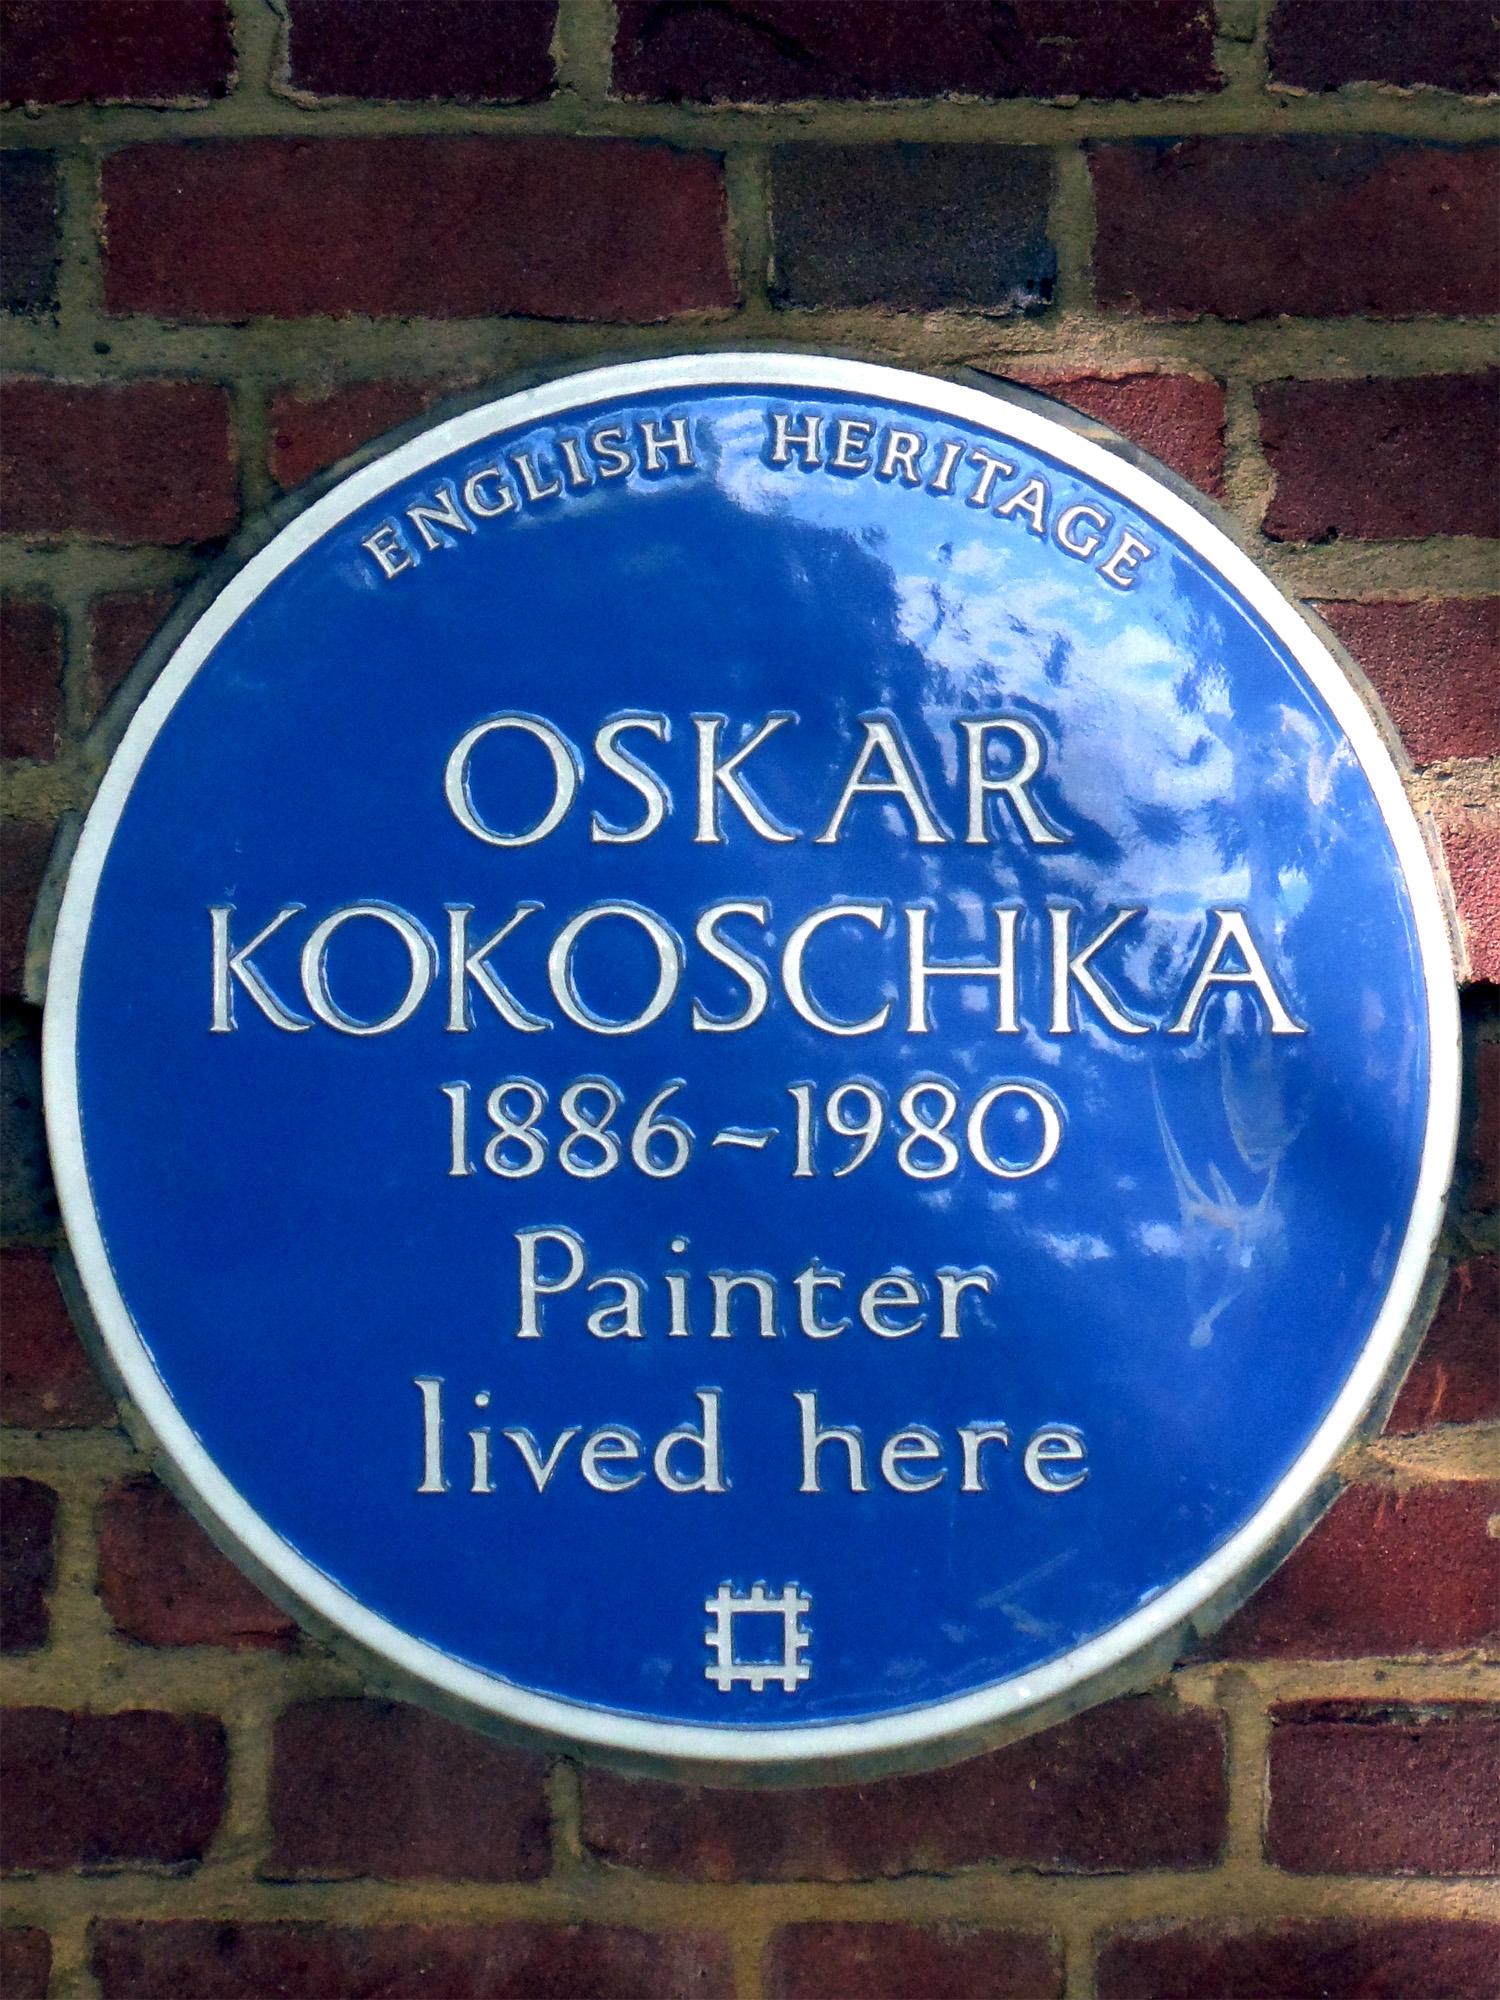 Fileoskar Kokoschka 1886 1980 Painter Lived Herejpg